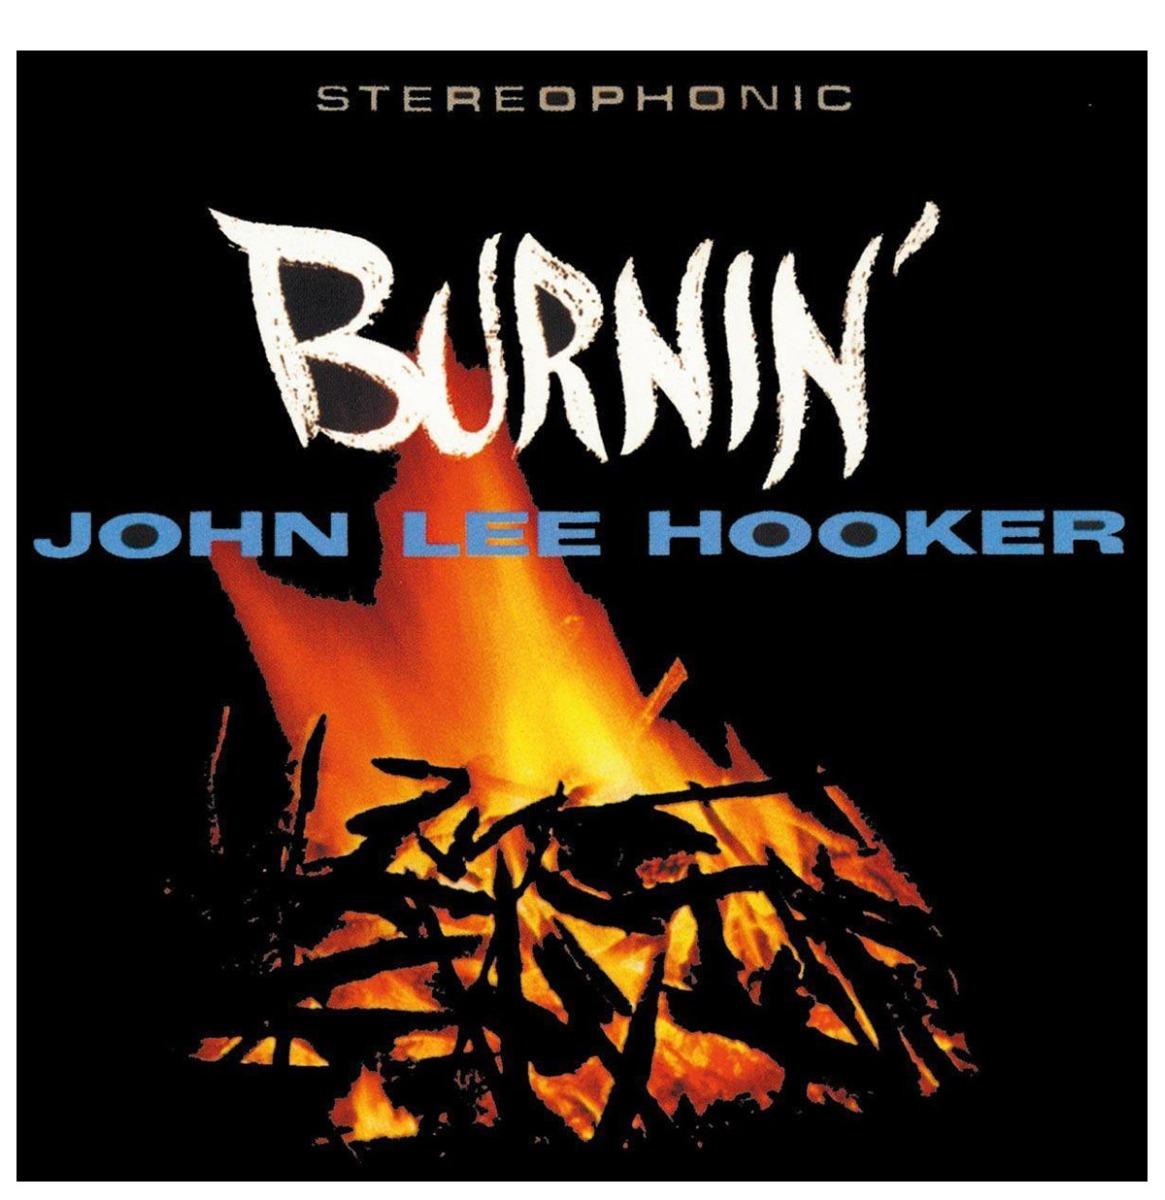 John Lee Hooker - Burnin' LP - Beperkte Oplage